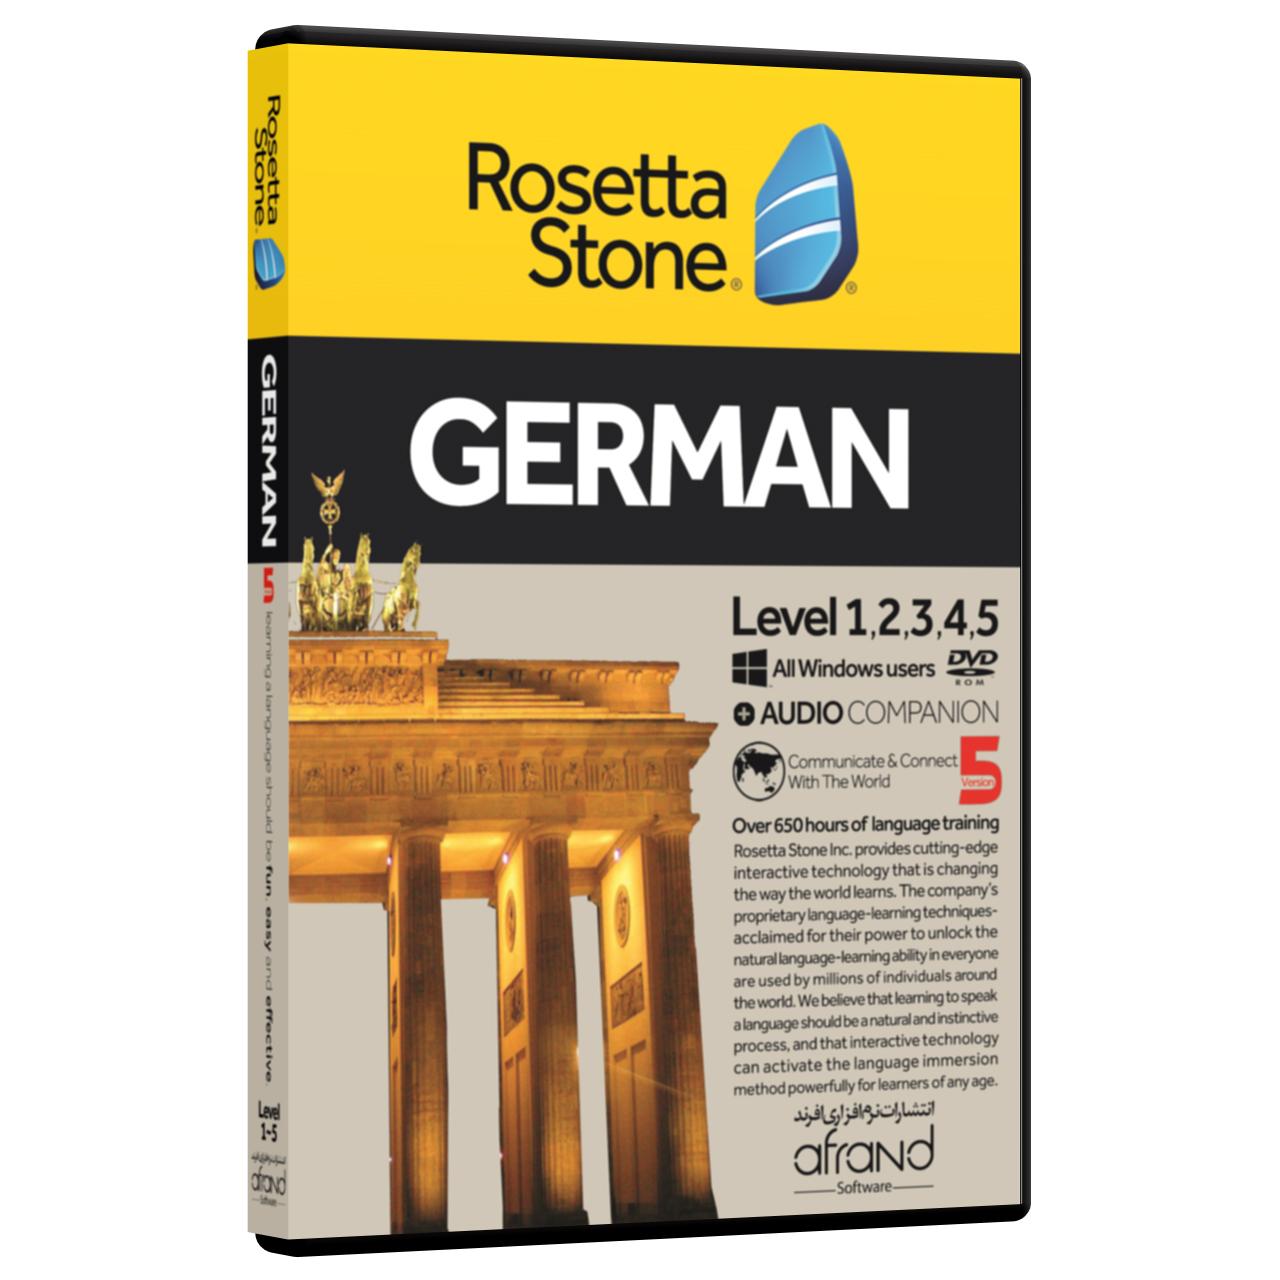 خرید اینترنتی نرم افزار آموزش زبان آلمانی رزتااستون نسخه 5 انتشارات نرم افزاری افرند